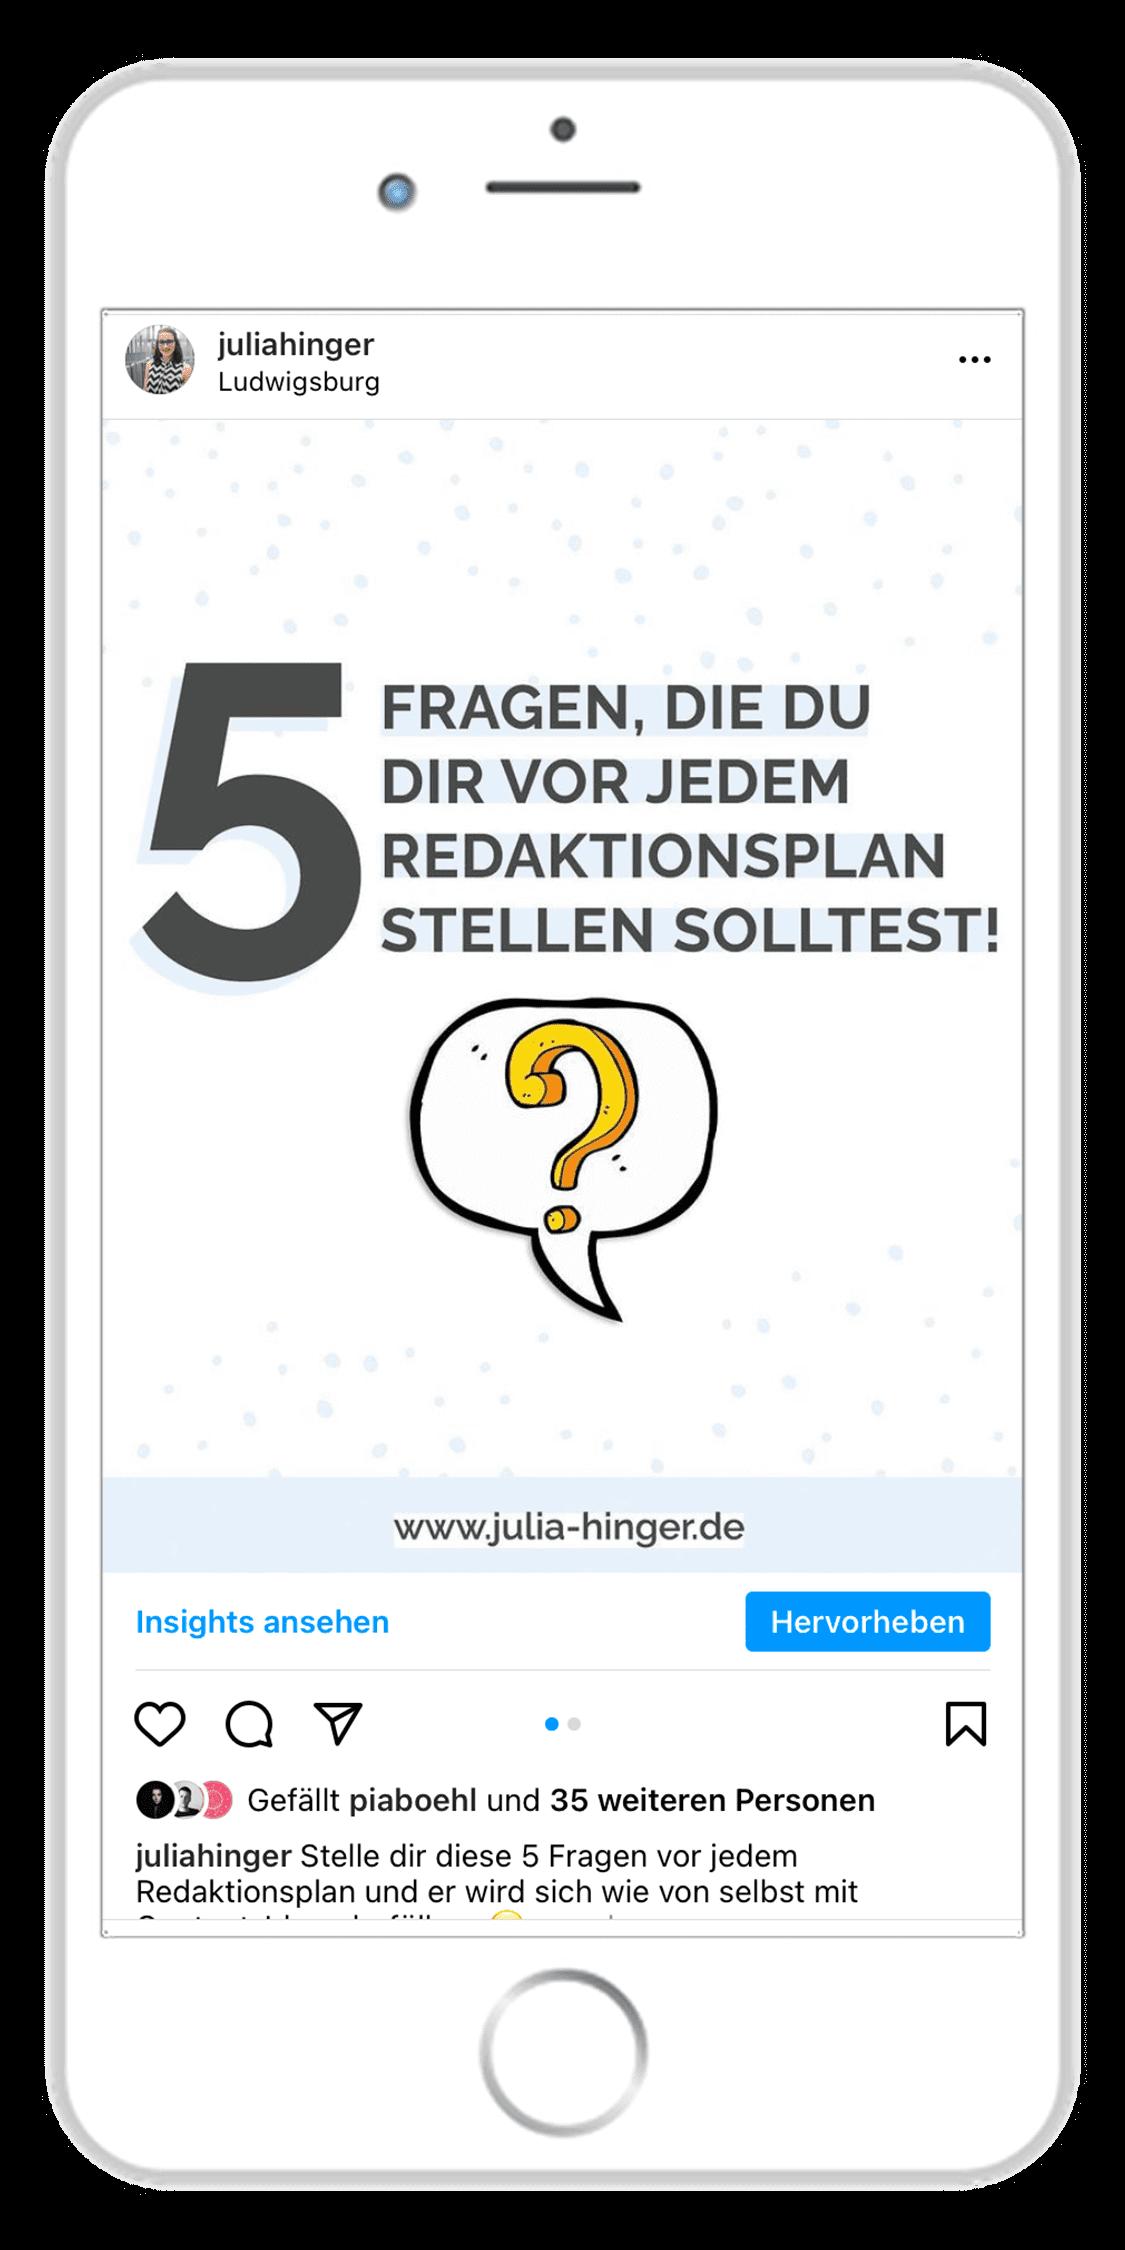 Referenzen_Instagram_19